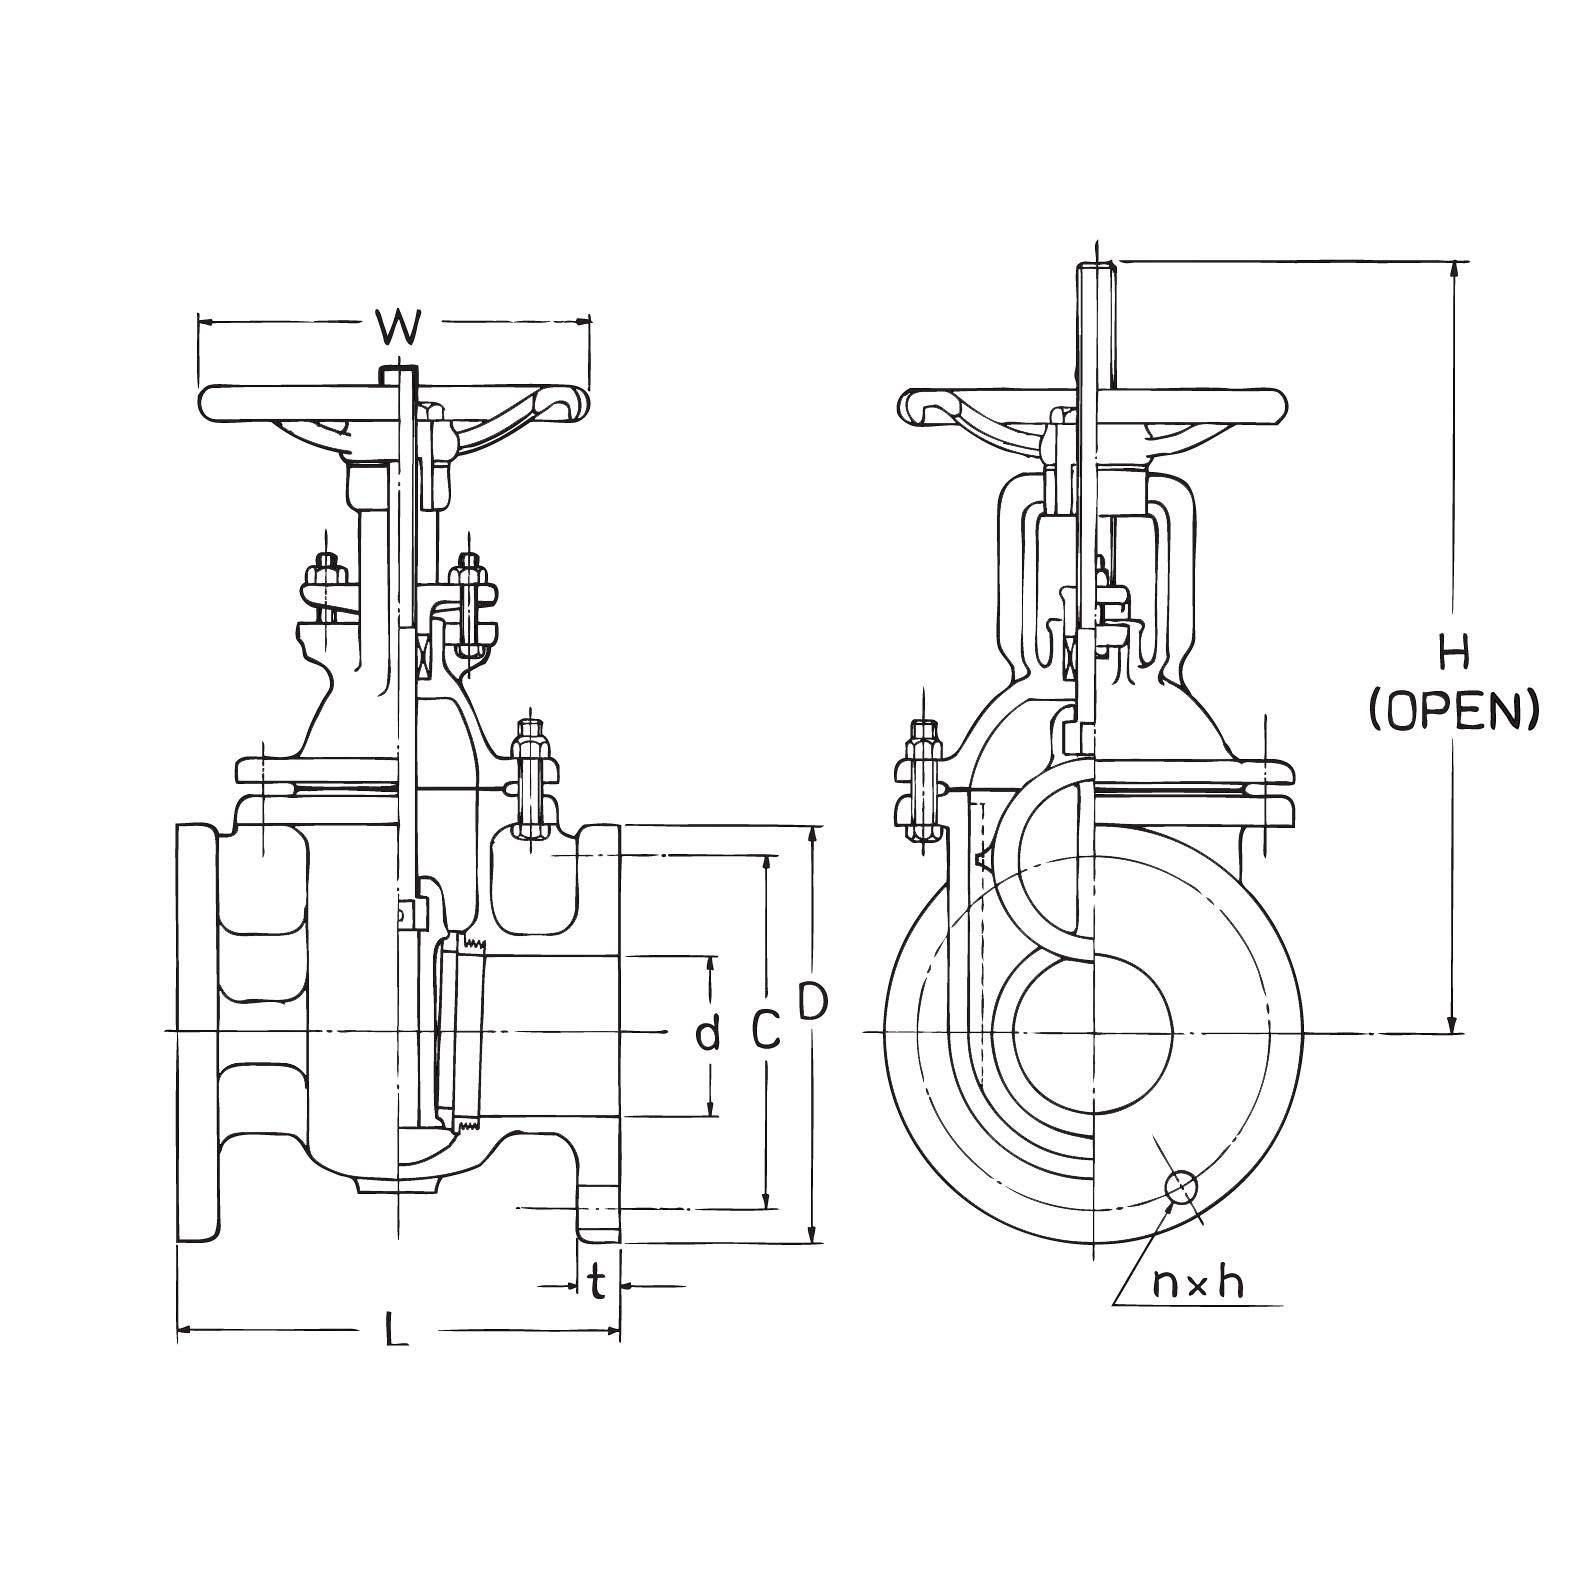 3911-blueprint